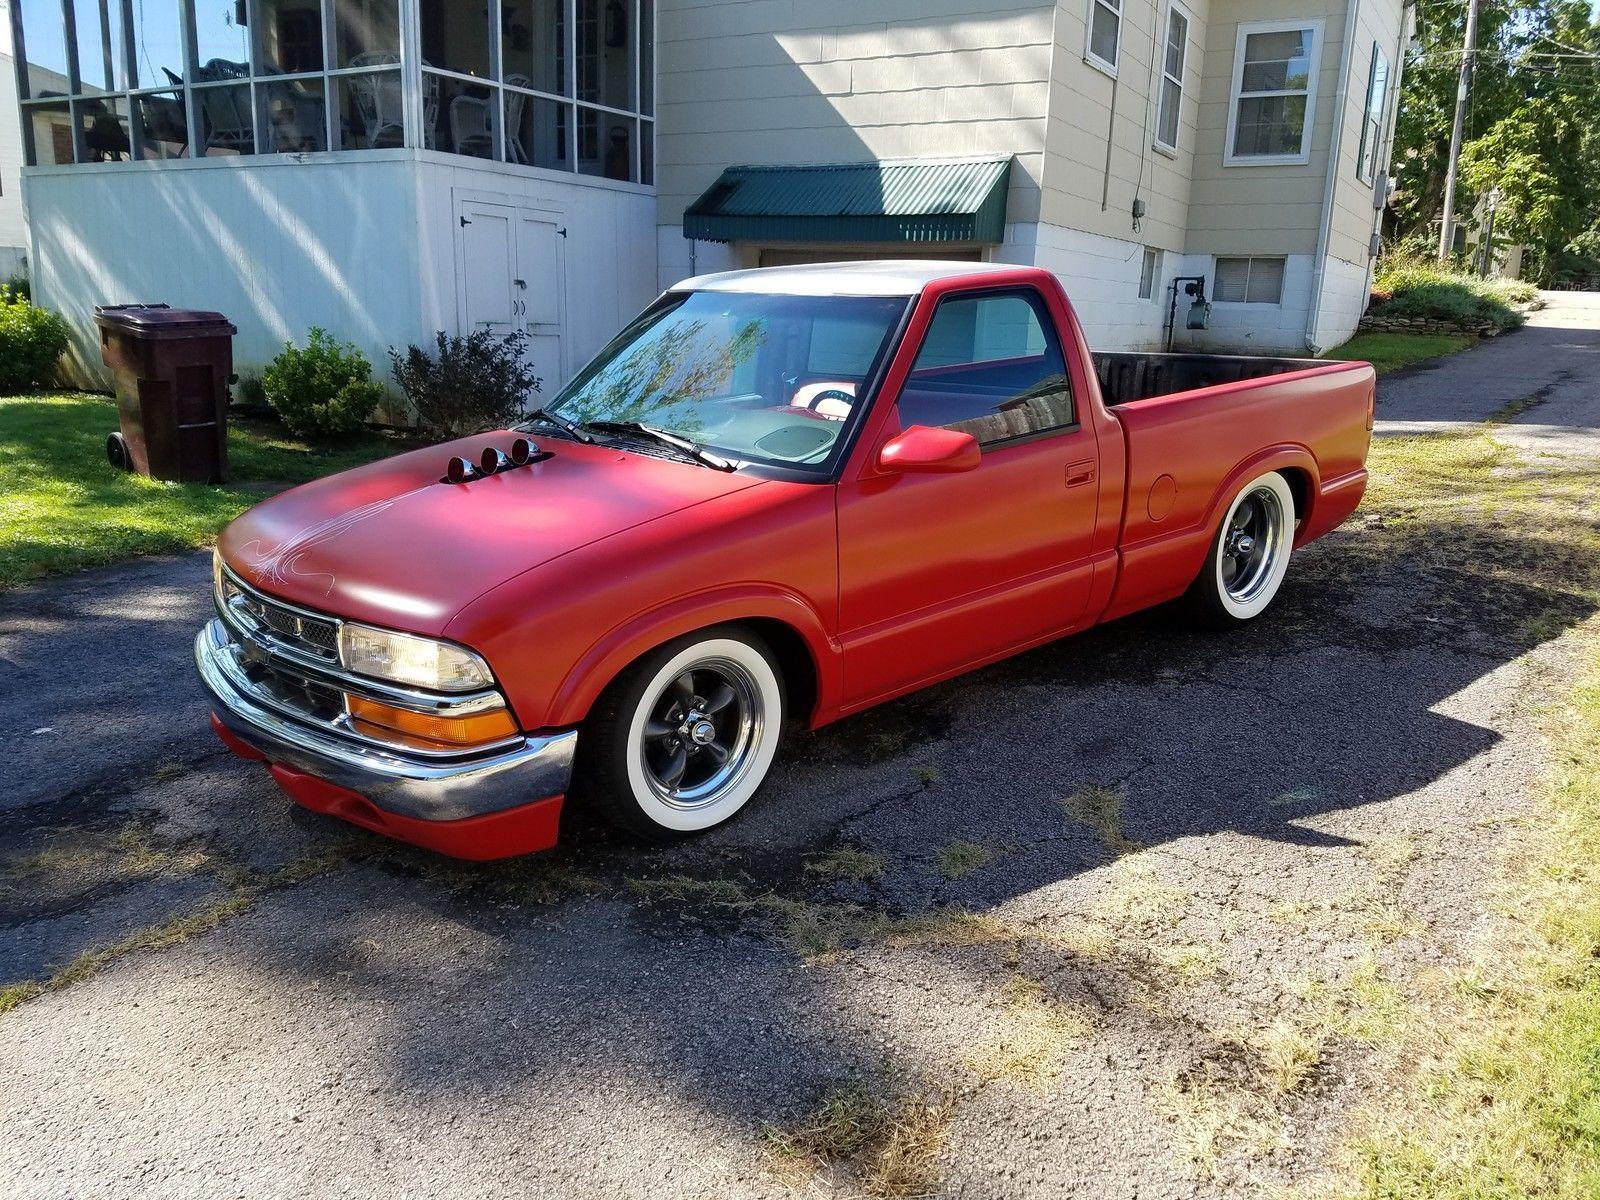 US $6,500.00 Used in eBay Motors, Cars & Trucks, Chevrolet | S-10 ...